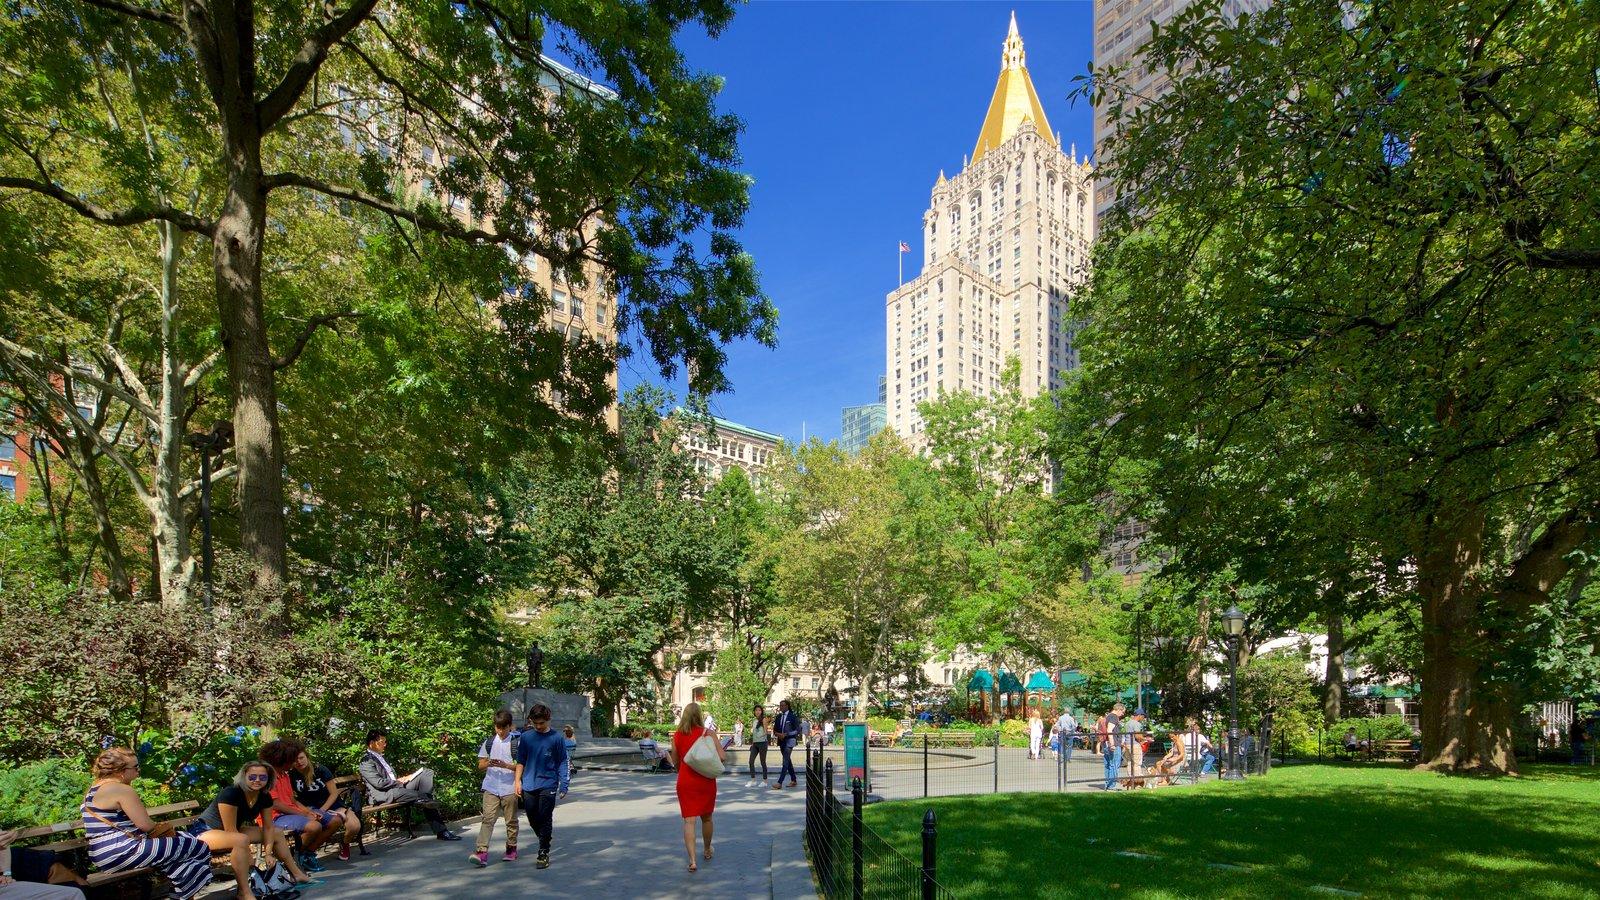 Madison Square Park que inclui uma cidade e um parque